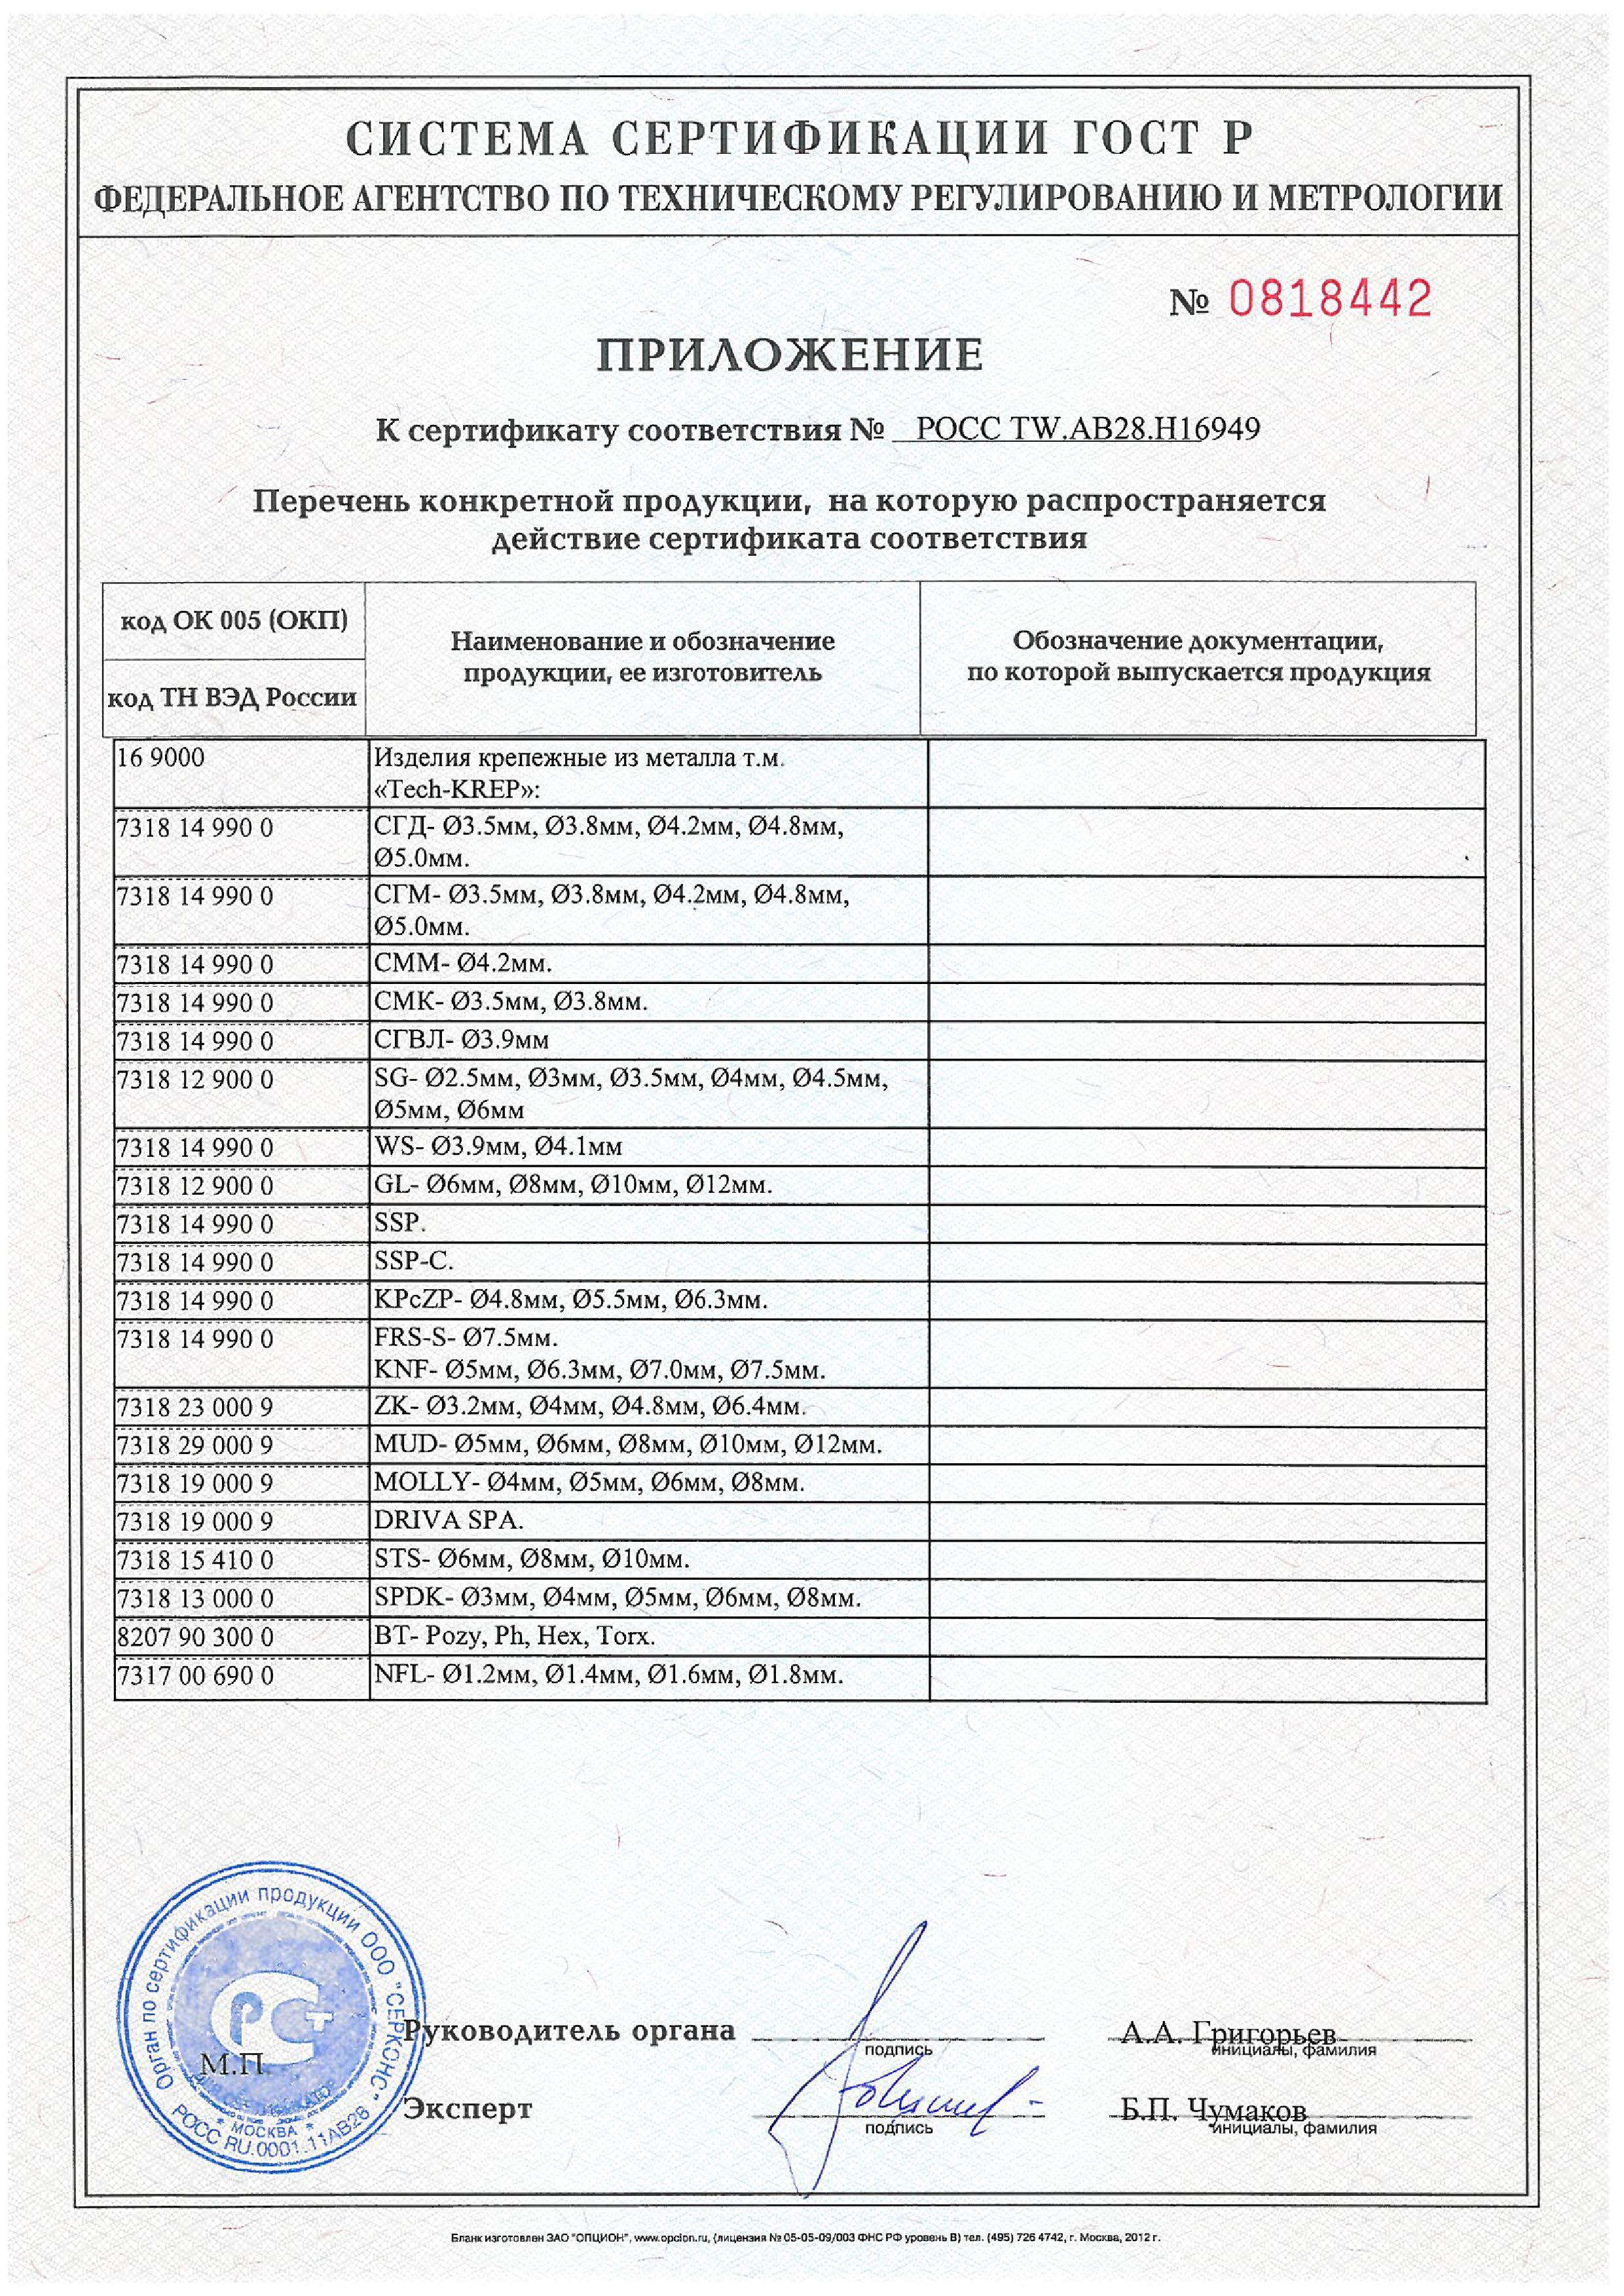 Приложение к сертификату соответствия на изделия крепежные из металла. Стр. 1